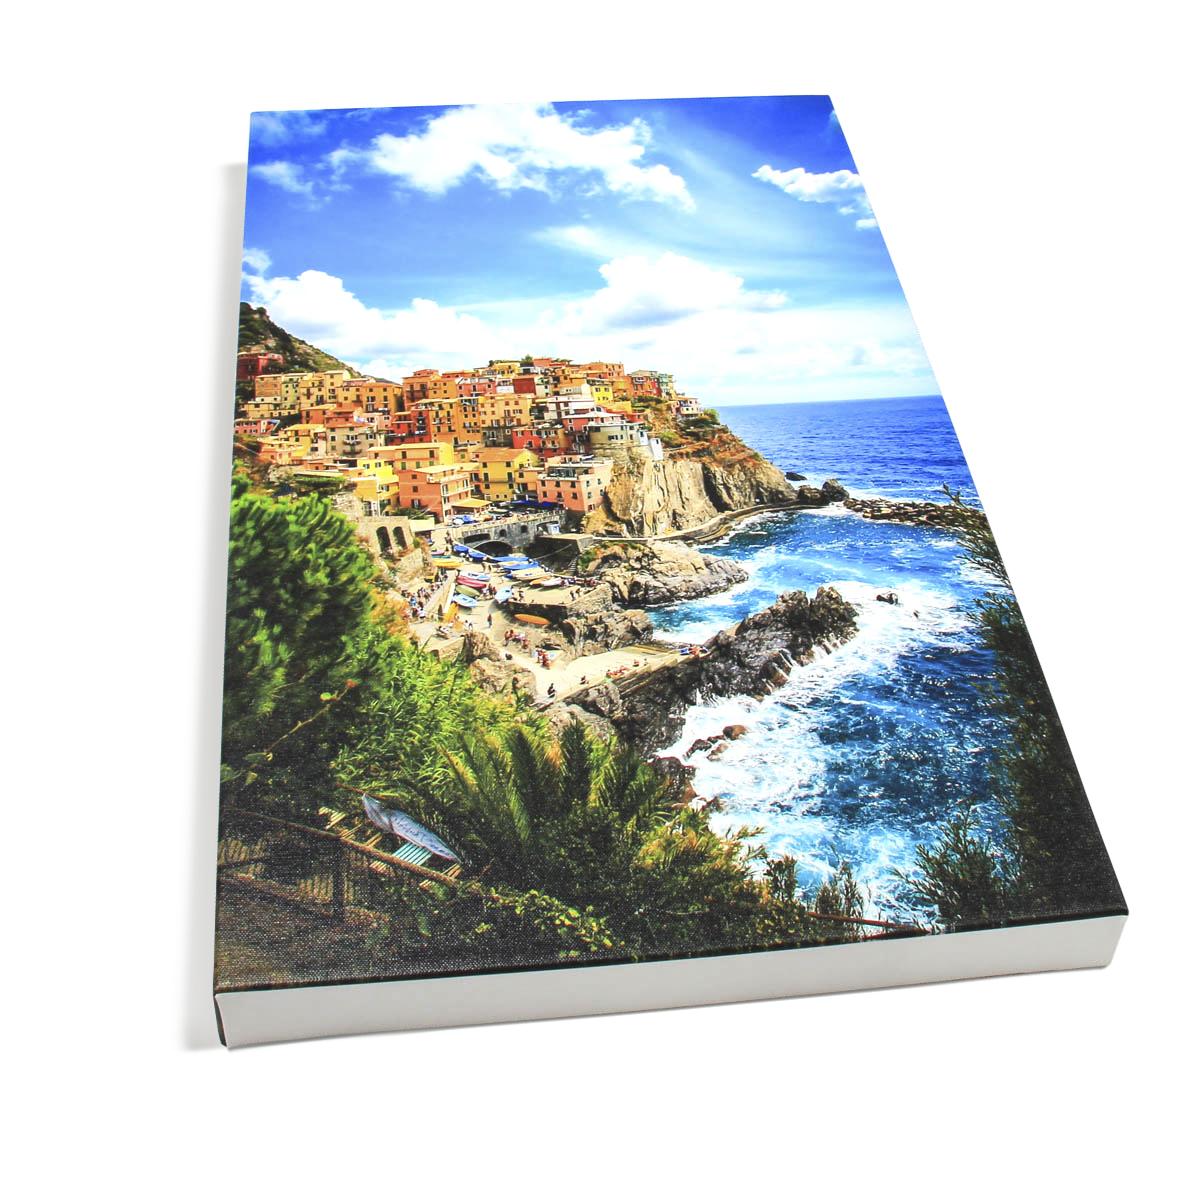 canvas image prints